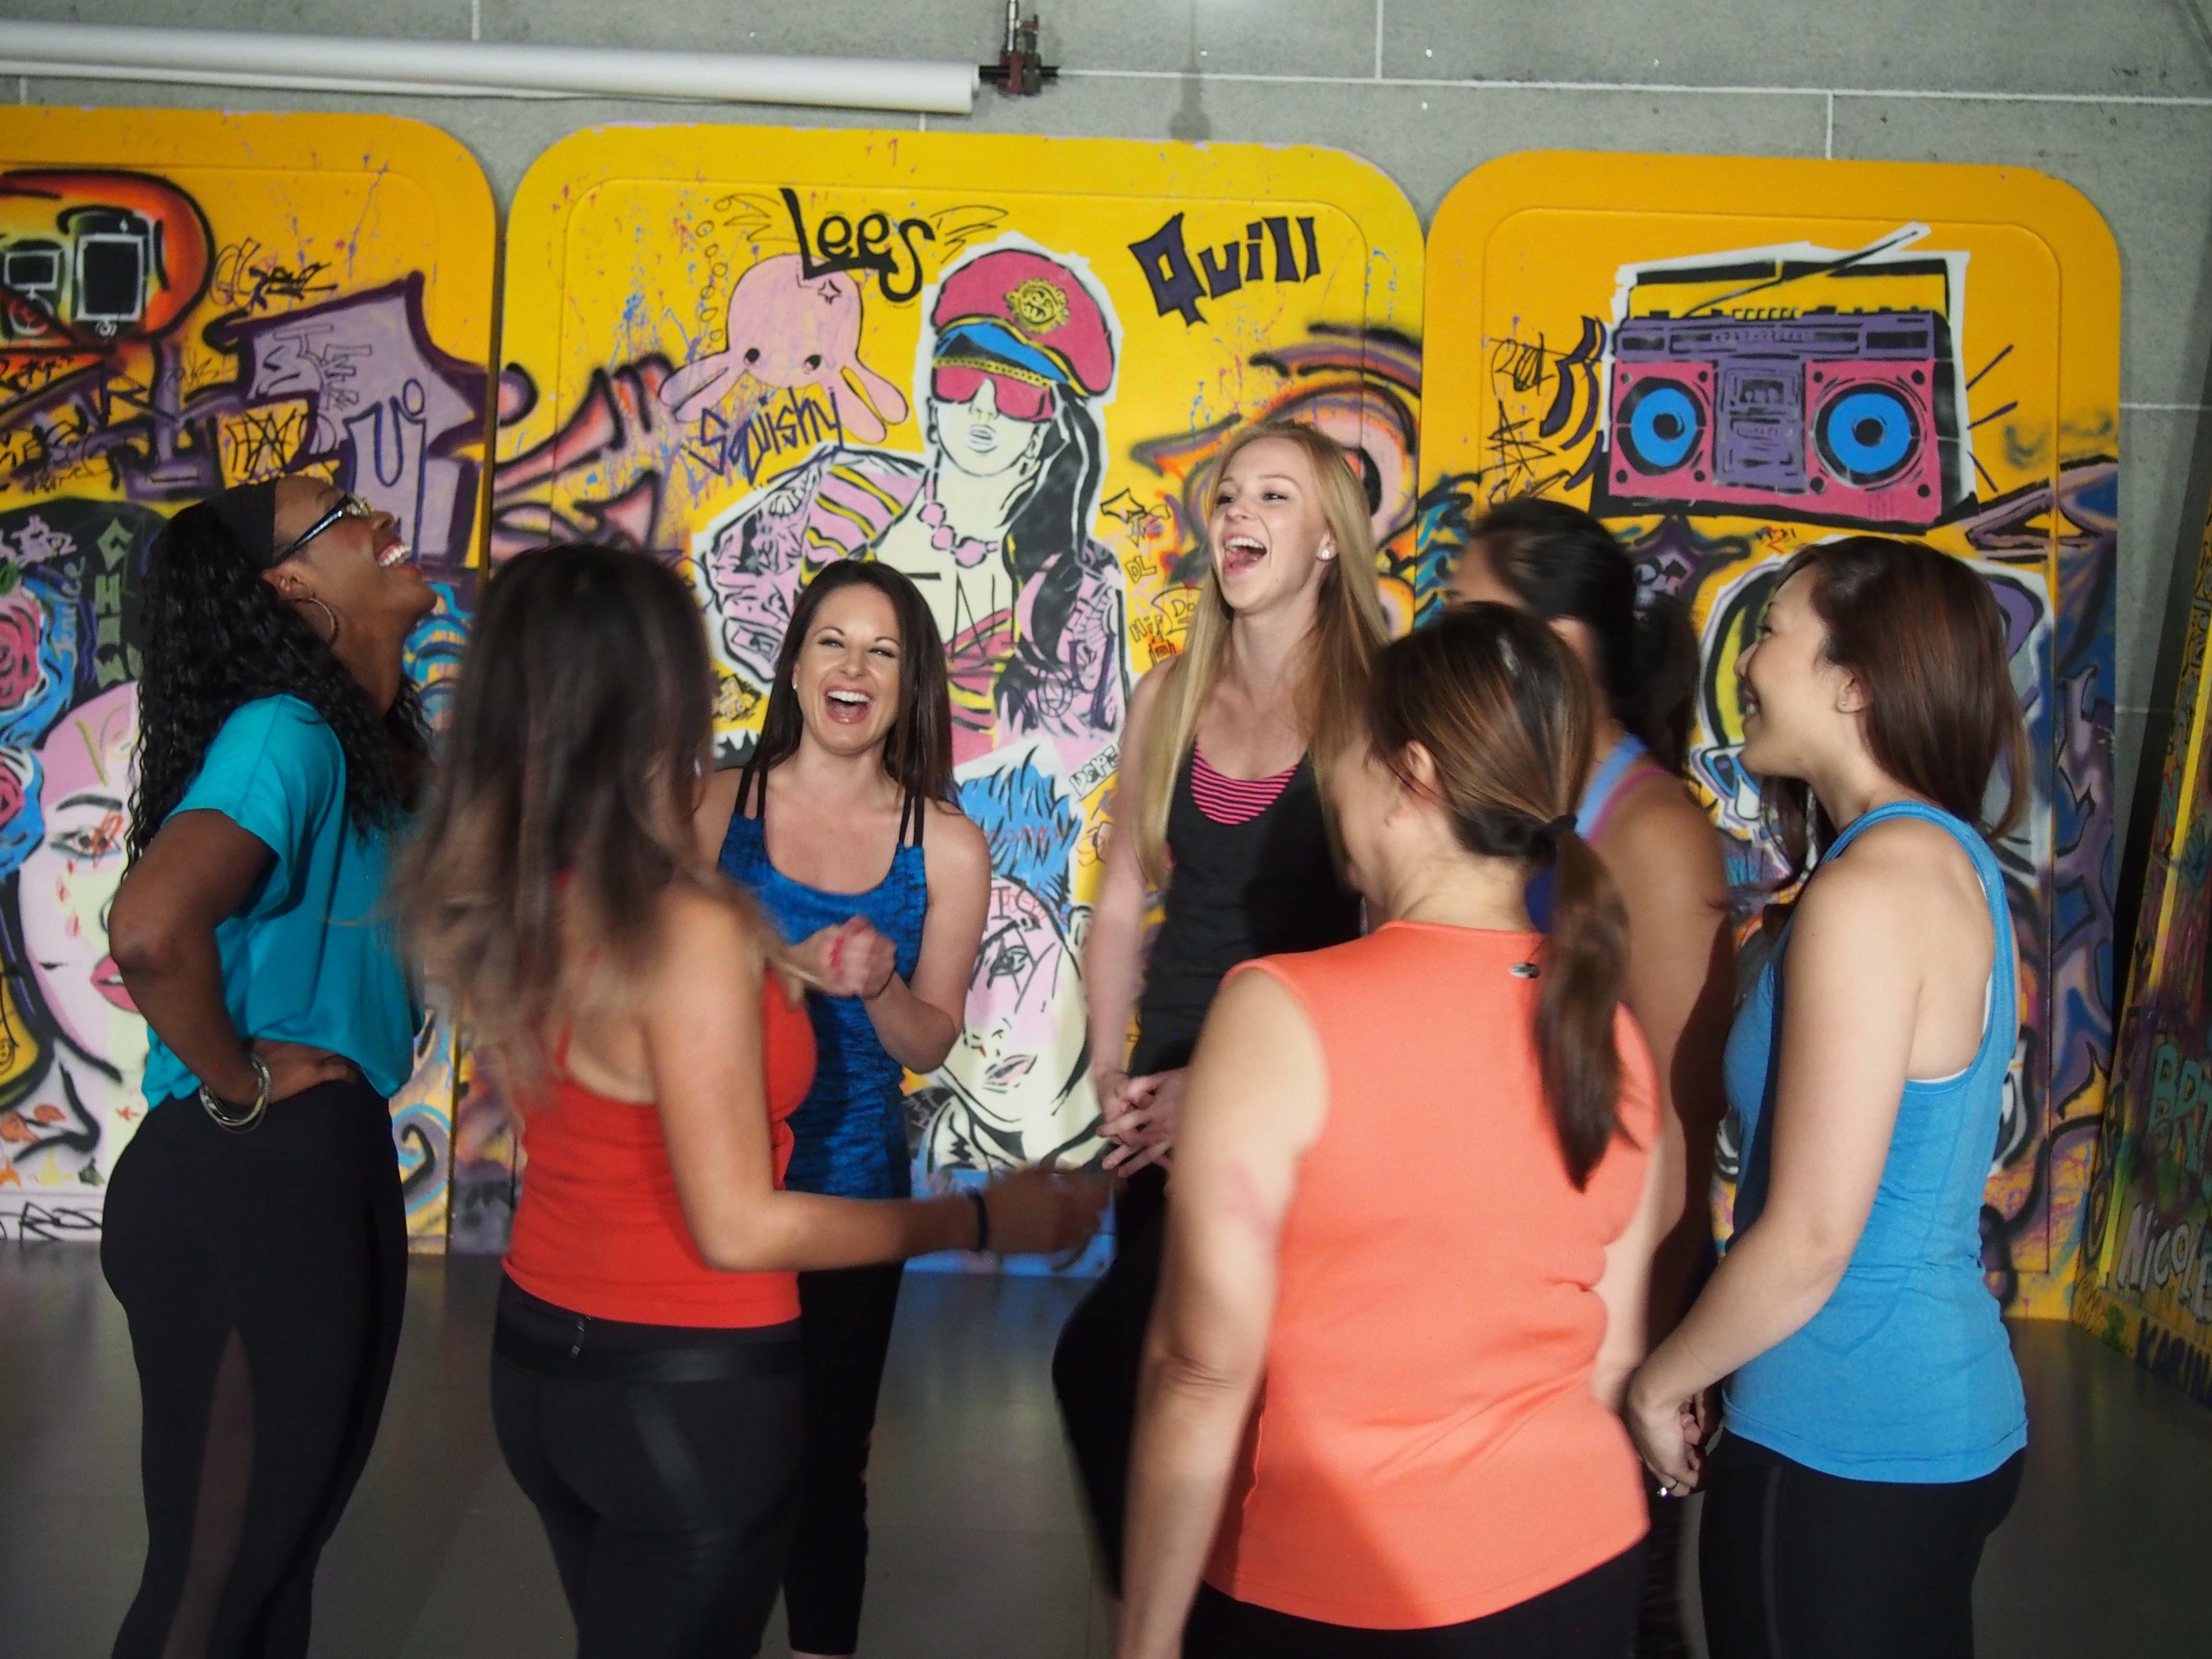 kickstarter dance workout team